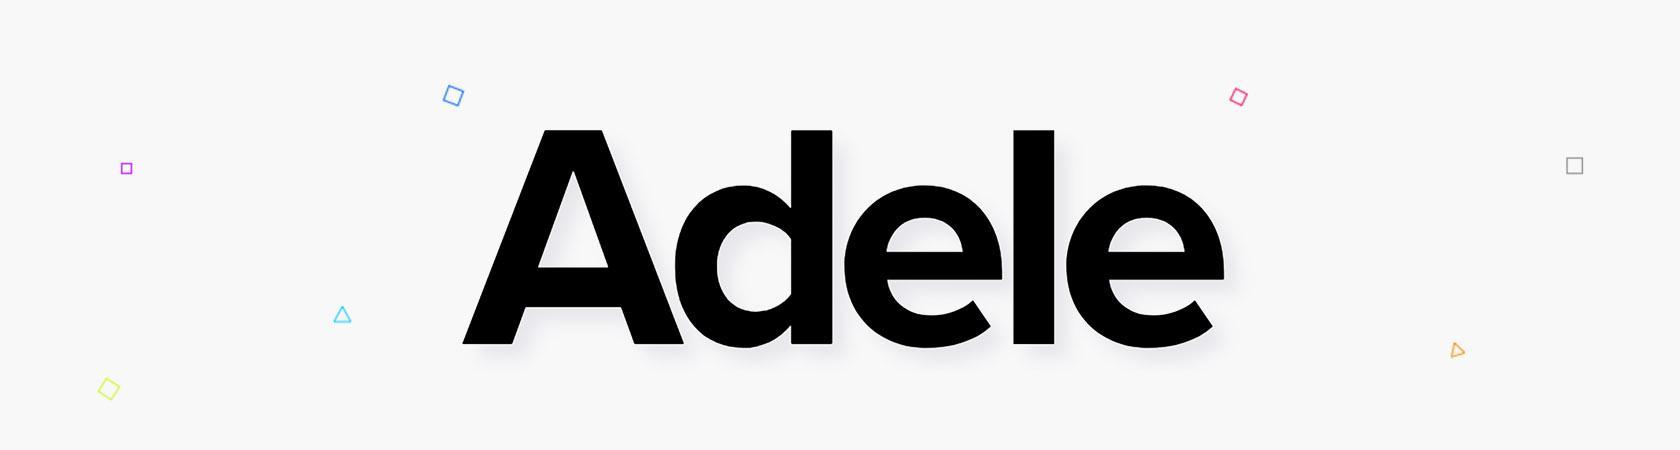 Adele sistemas de diseño público y bibliotecas de patrones